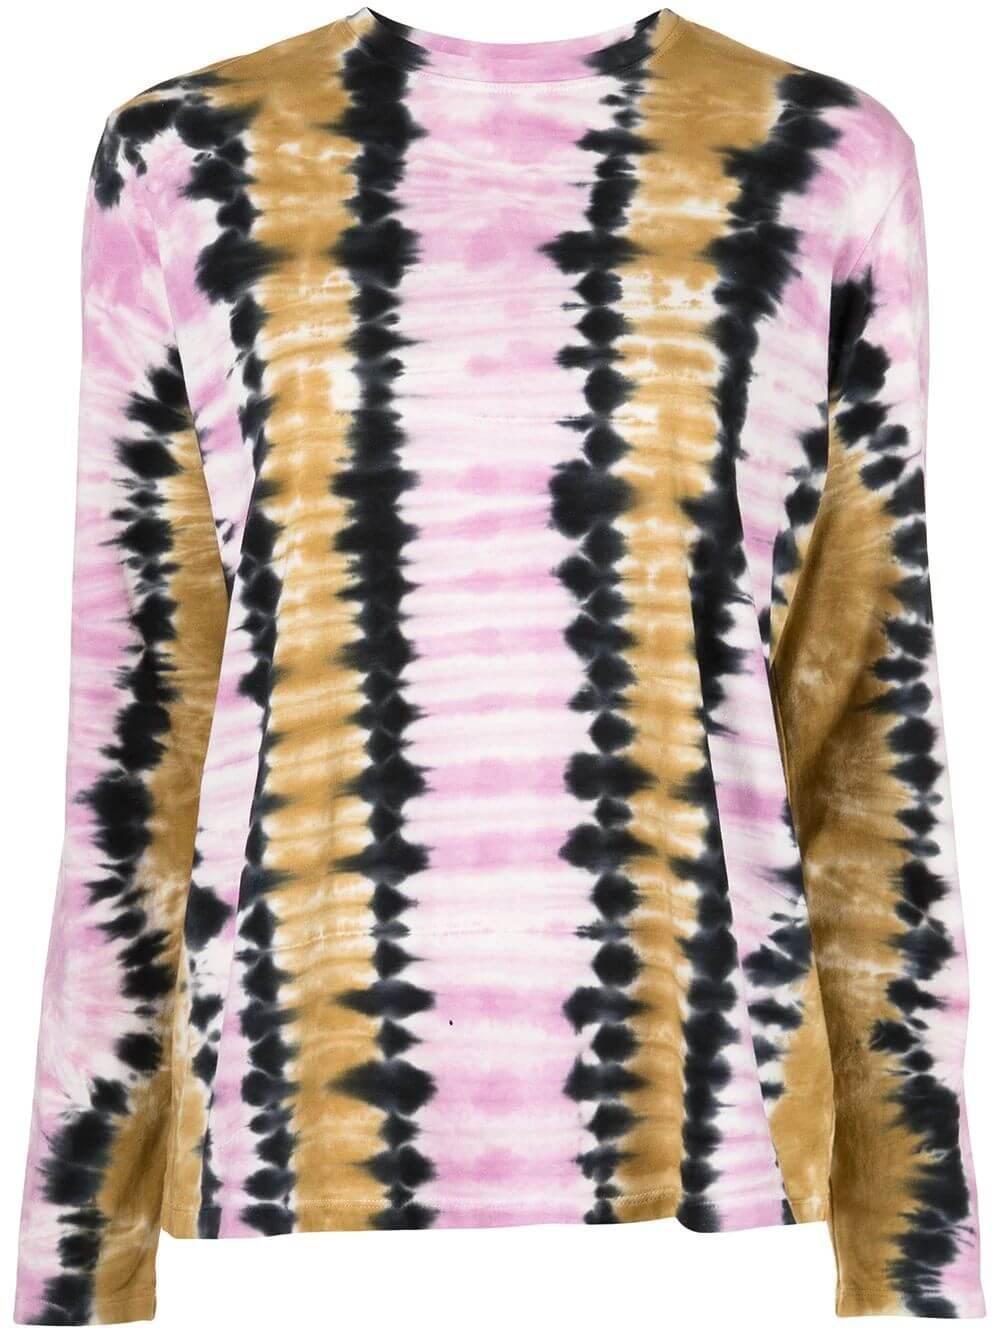 Tie Dye Long Sleeve Tee Item # WL2134237